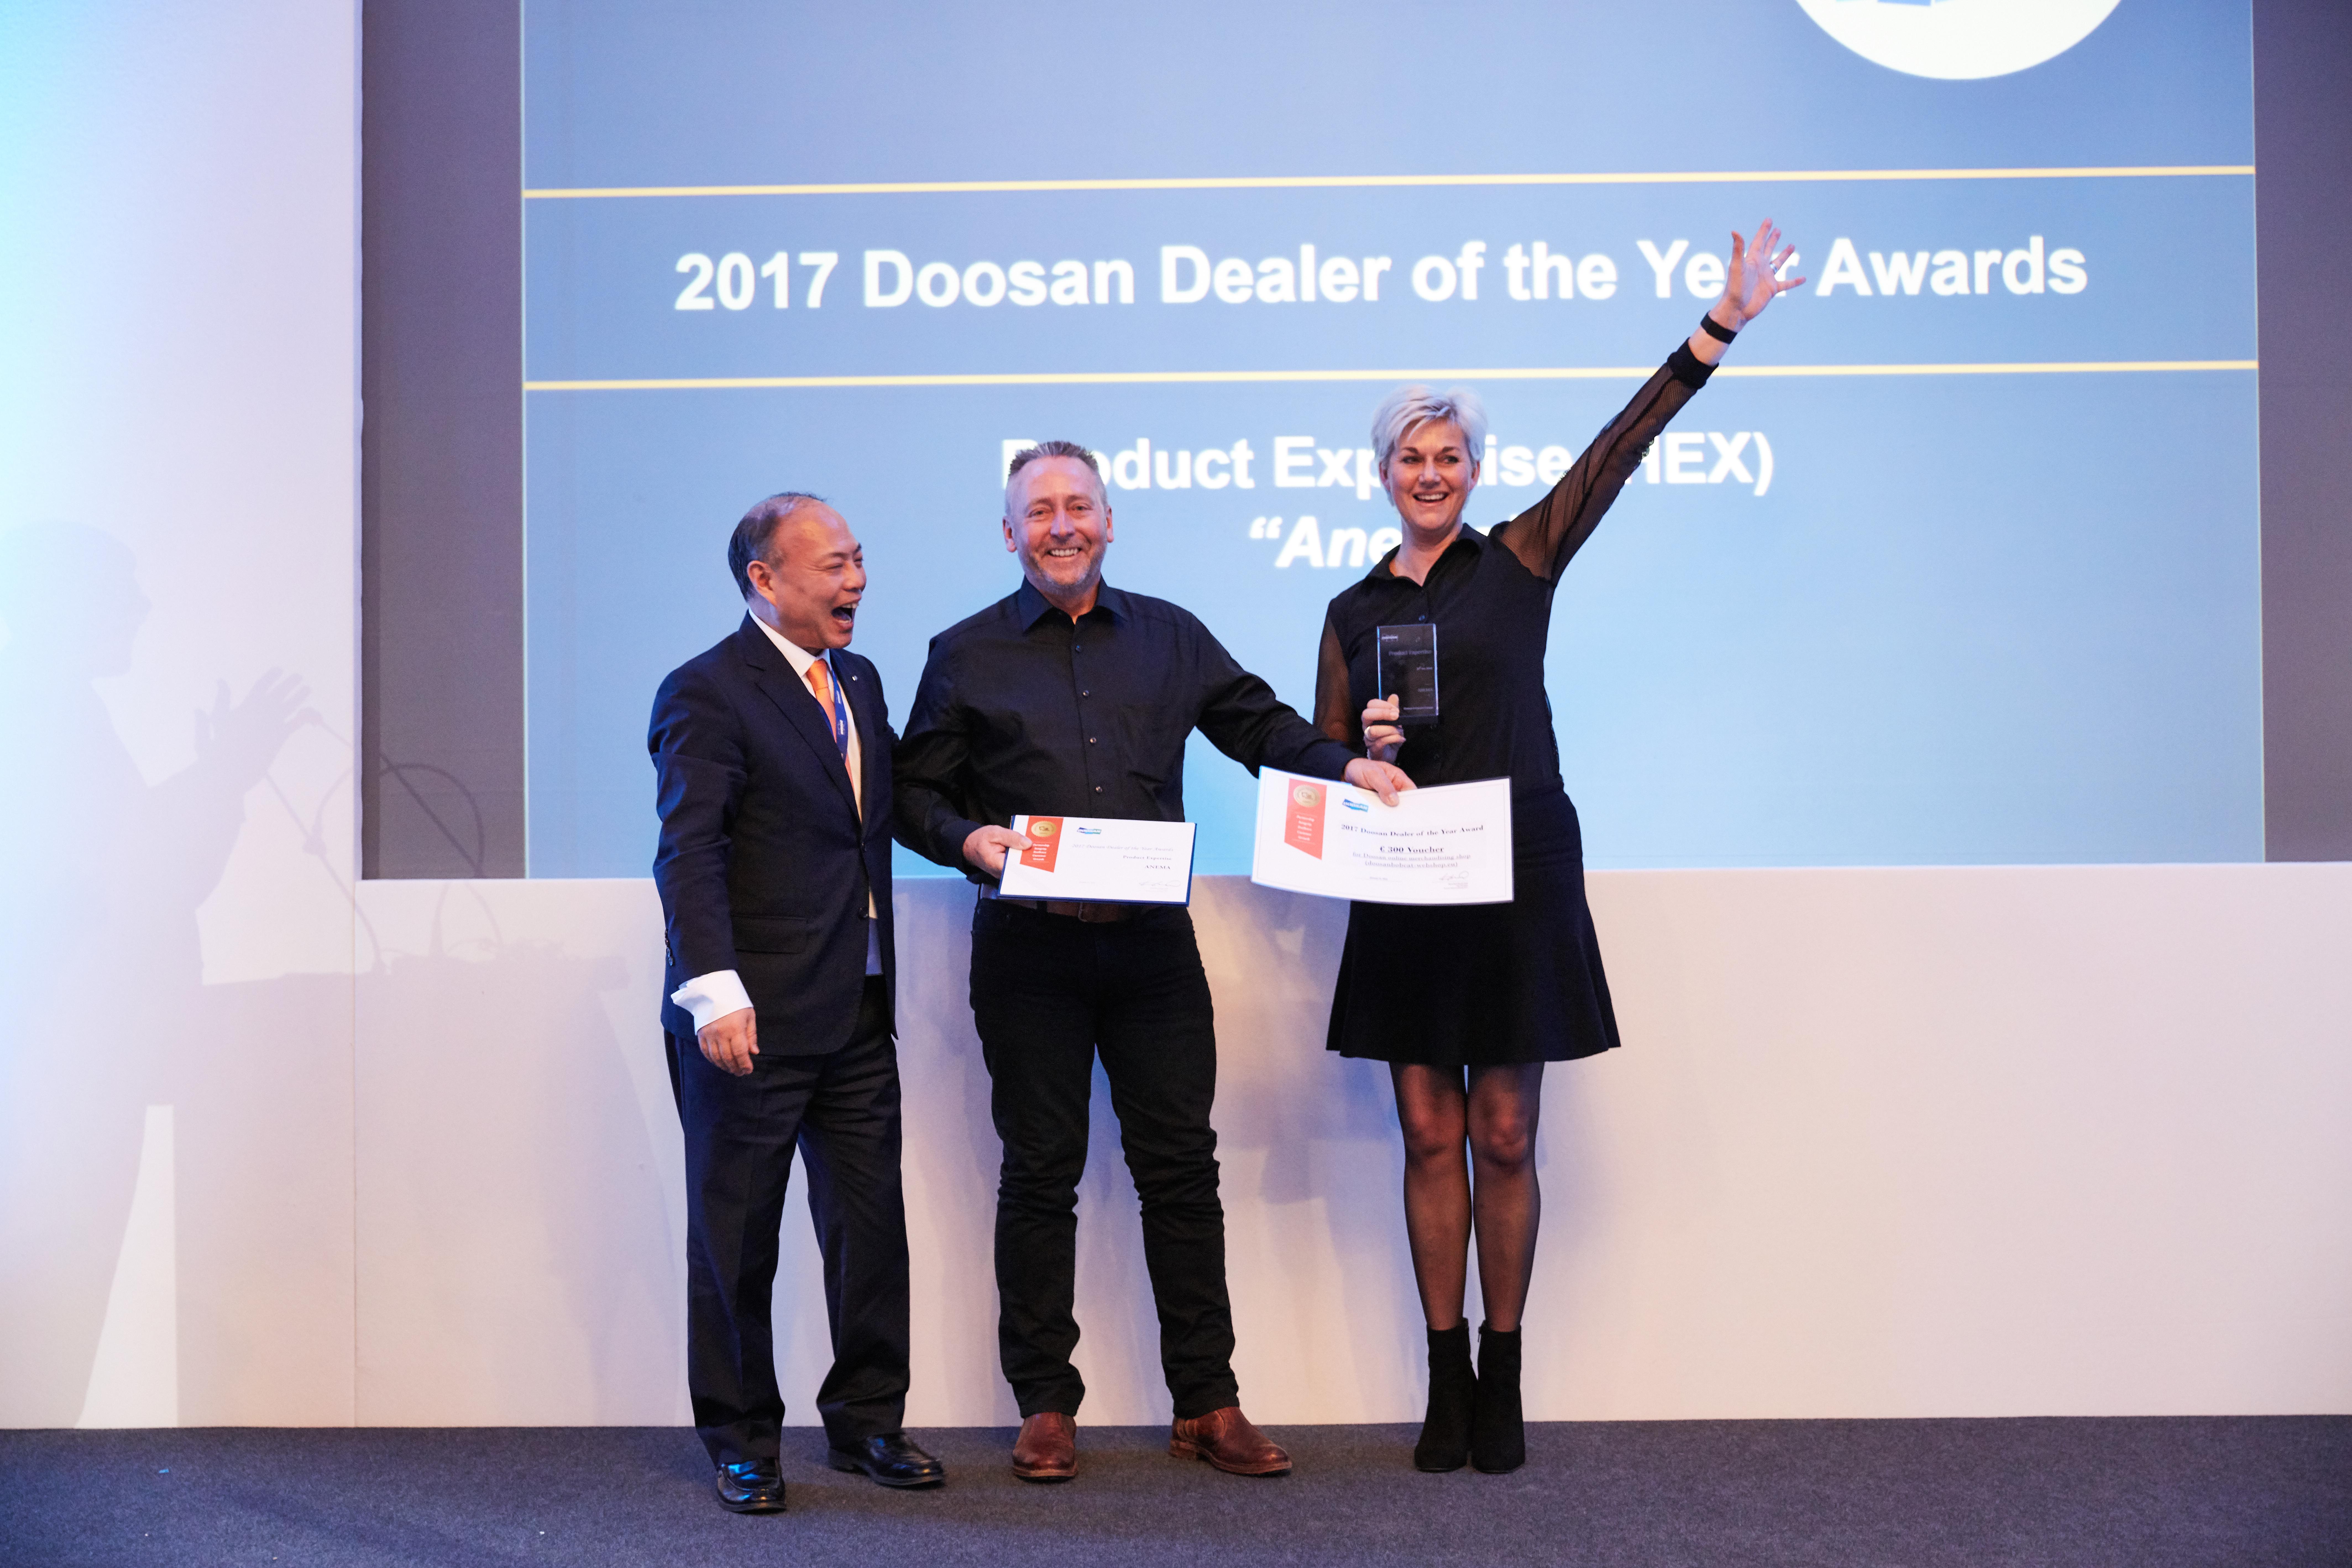 <p>Siep Anema en Nelleke Hilarides ontvangen de prestigieuze award uit handen van Charlie Park, vicepresident bij Doosan.</p>